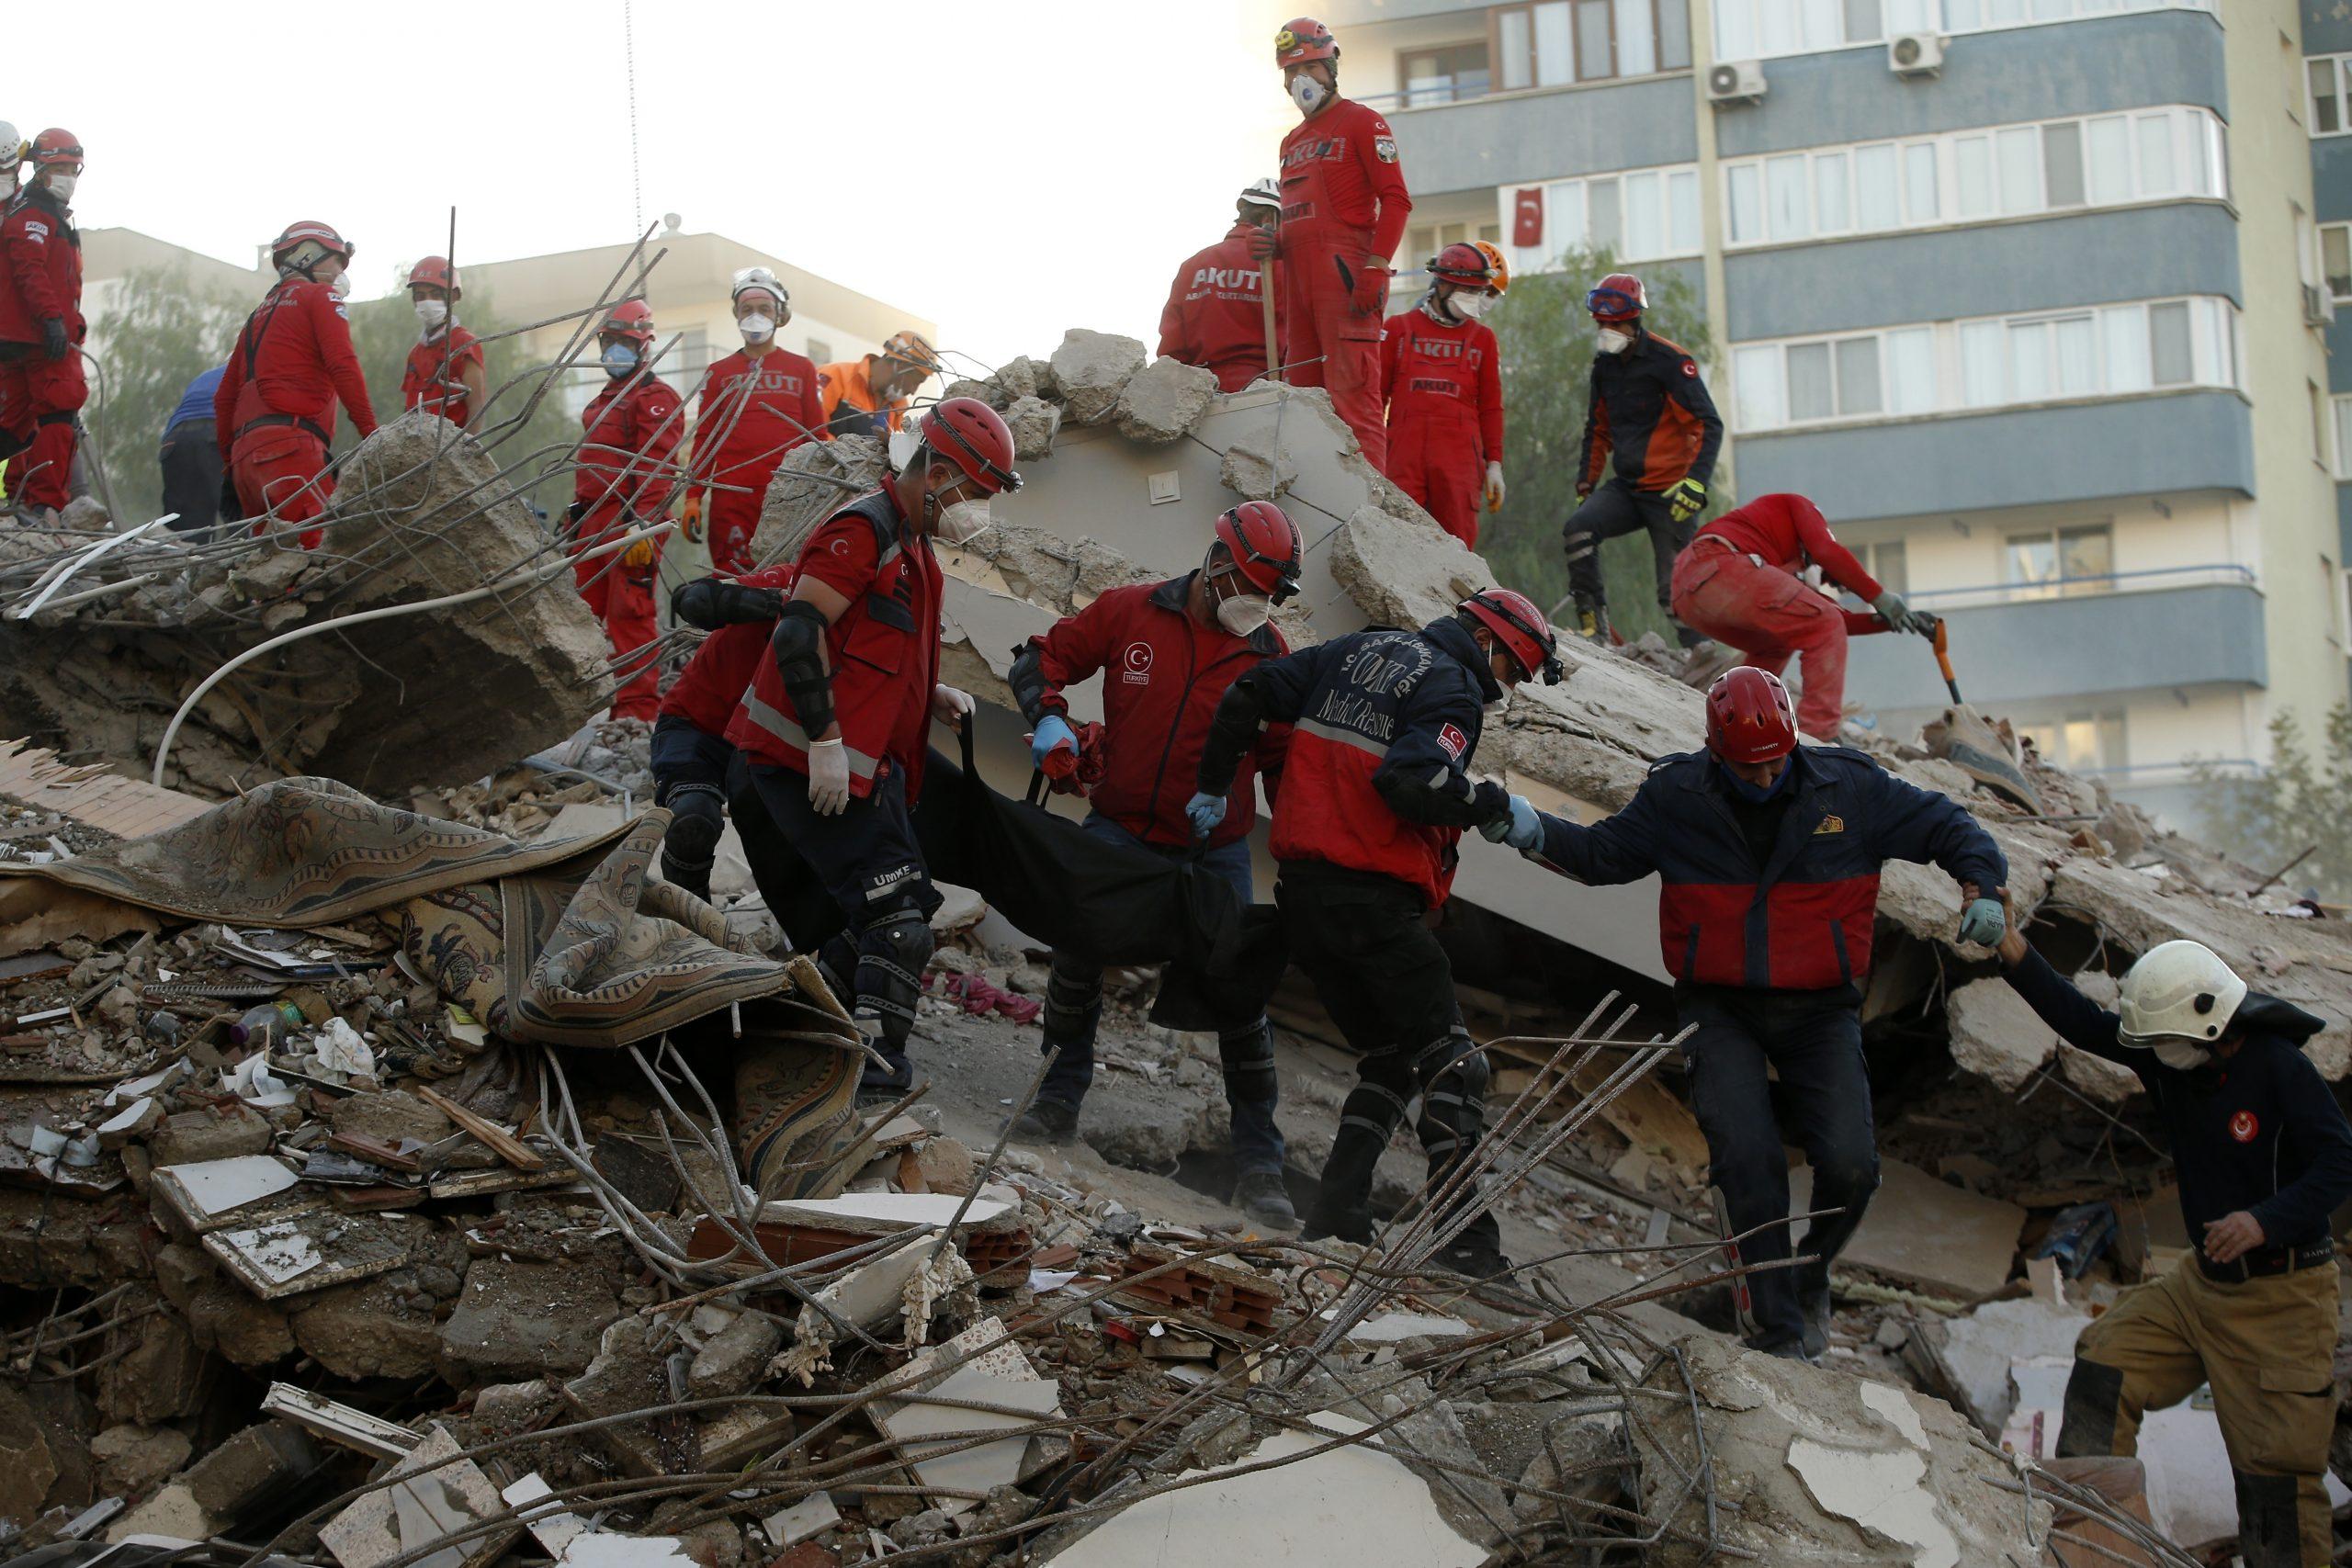 Novi bilans: U zemljotresu u Turskoj 66 osoba poginulo 1